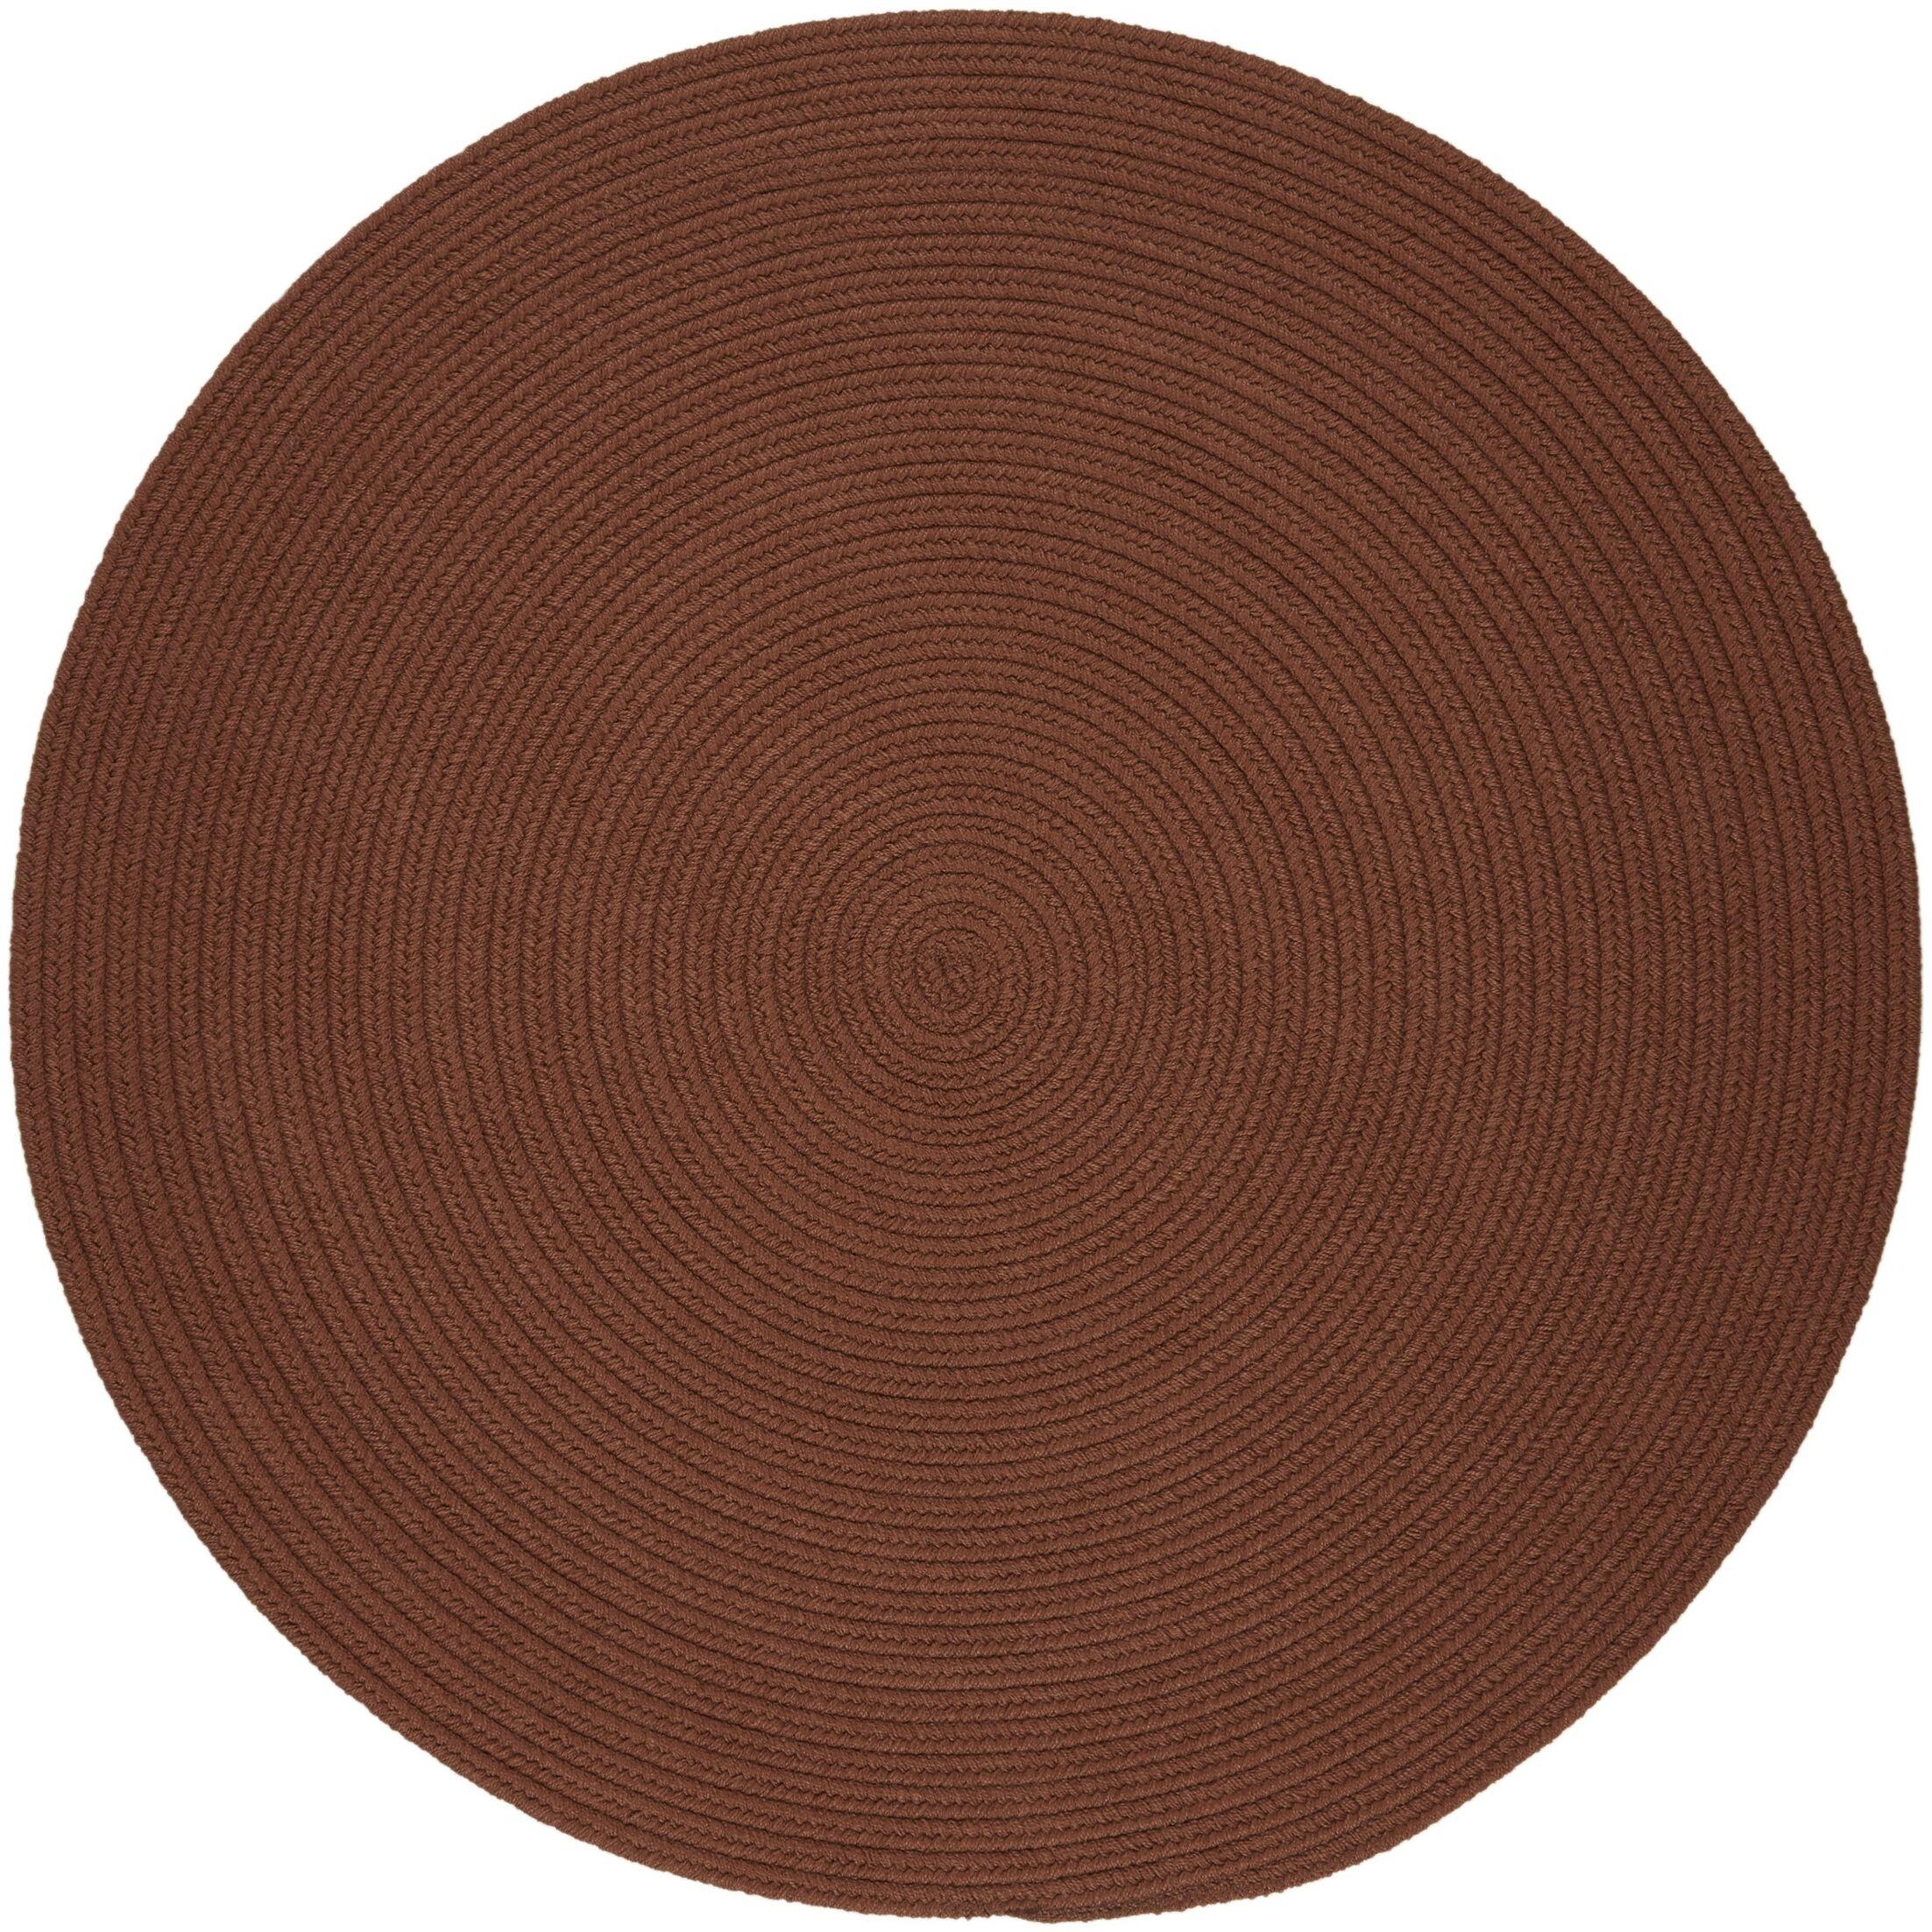 Handmade Almond Indoor/Outdoor Area Rug Rug Size: Round 4'